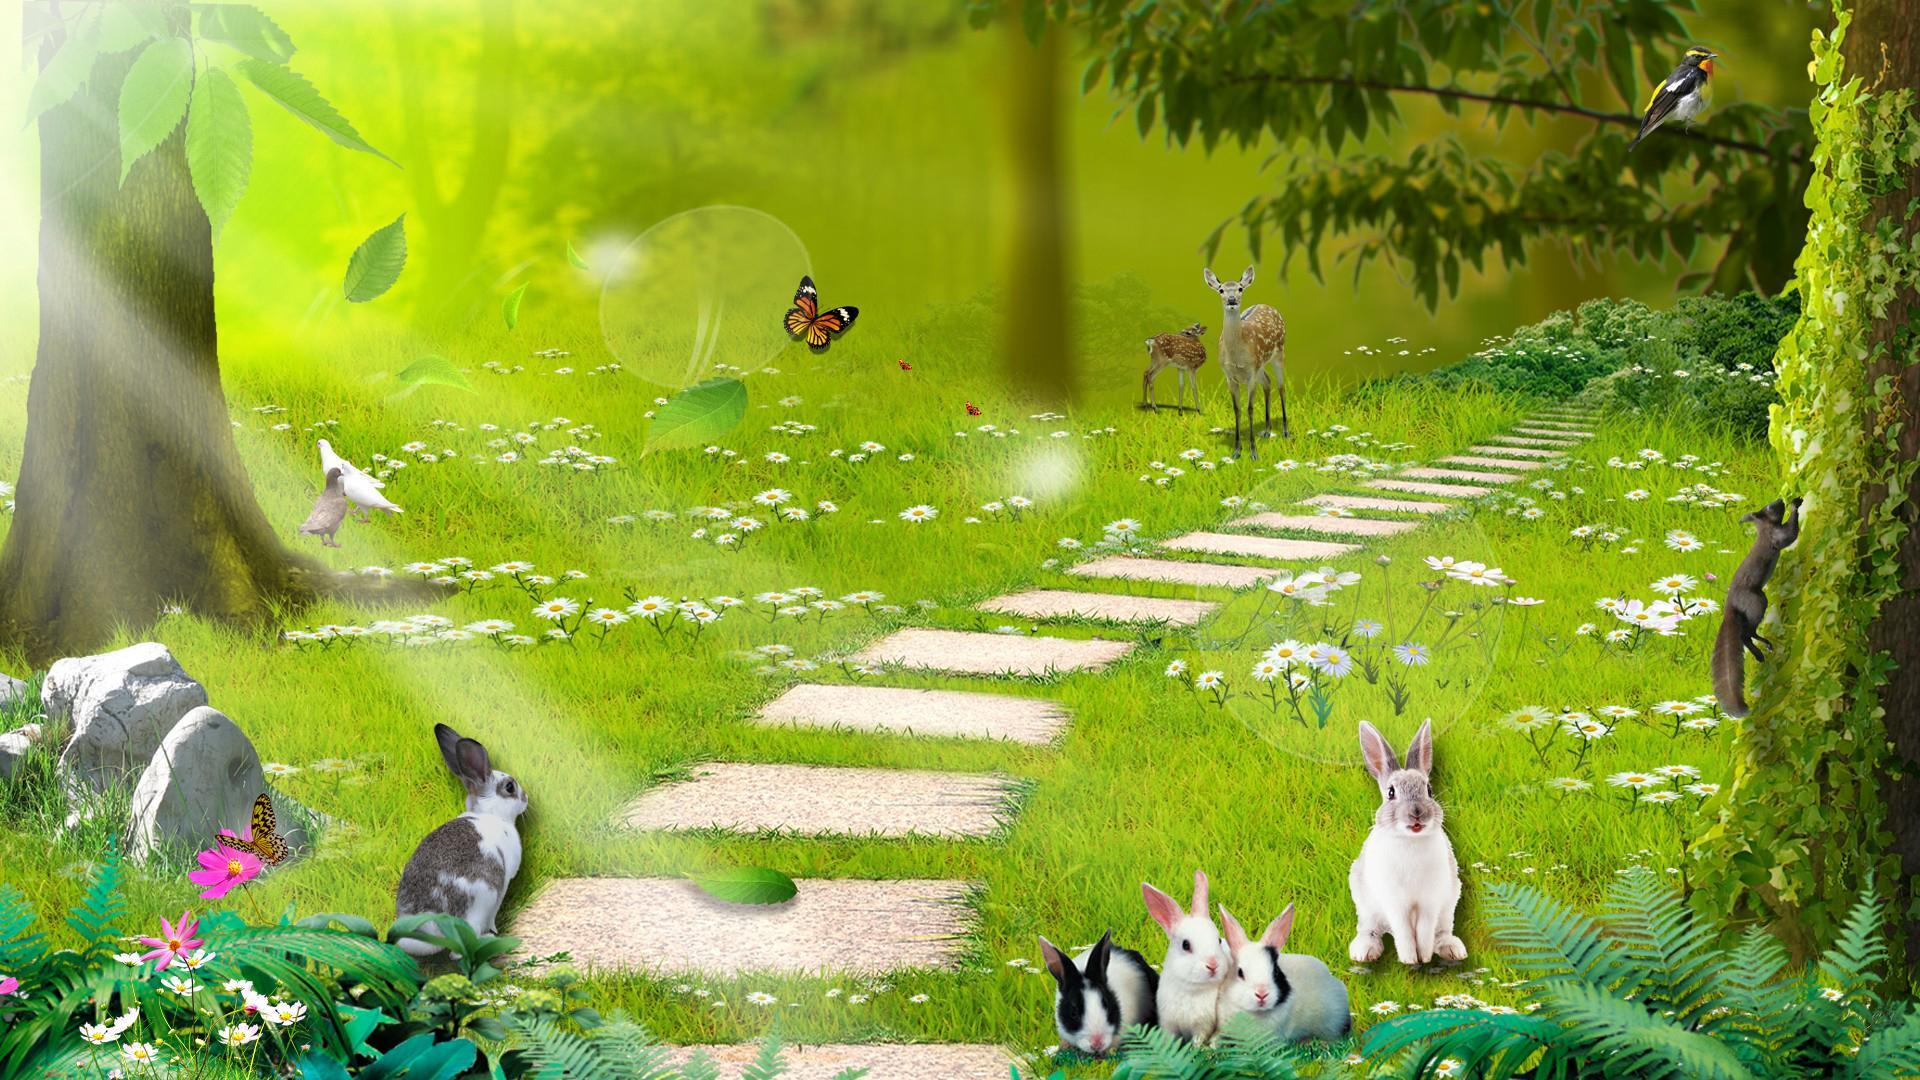 Disney Princess 3d Wallpaper Nuevo Fondo De Pantalla Hd Bosque Encantado Escritorio